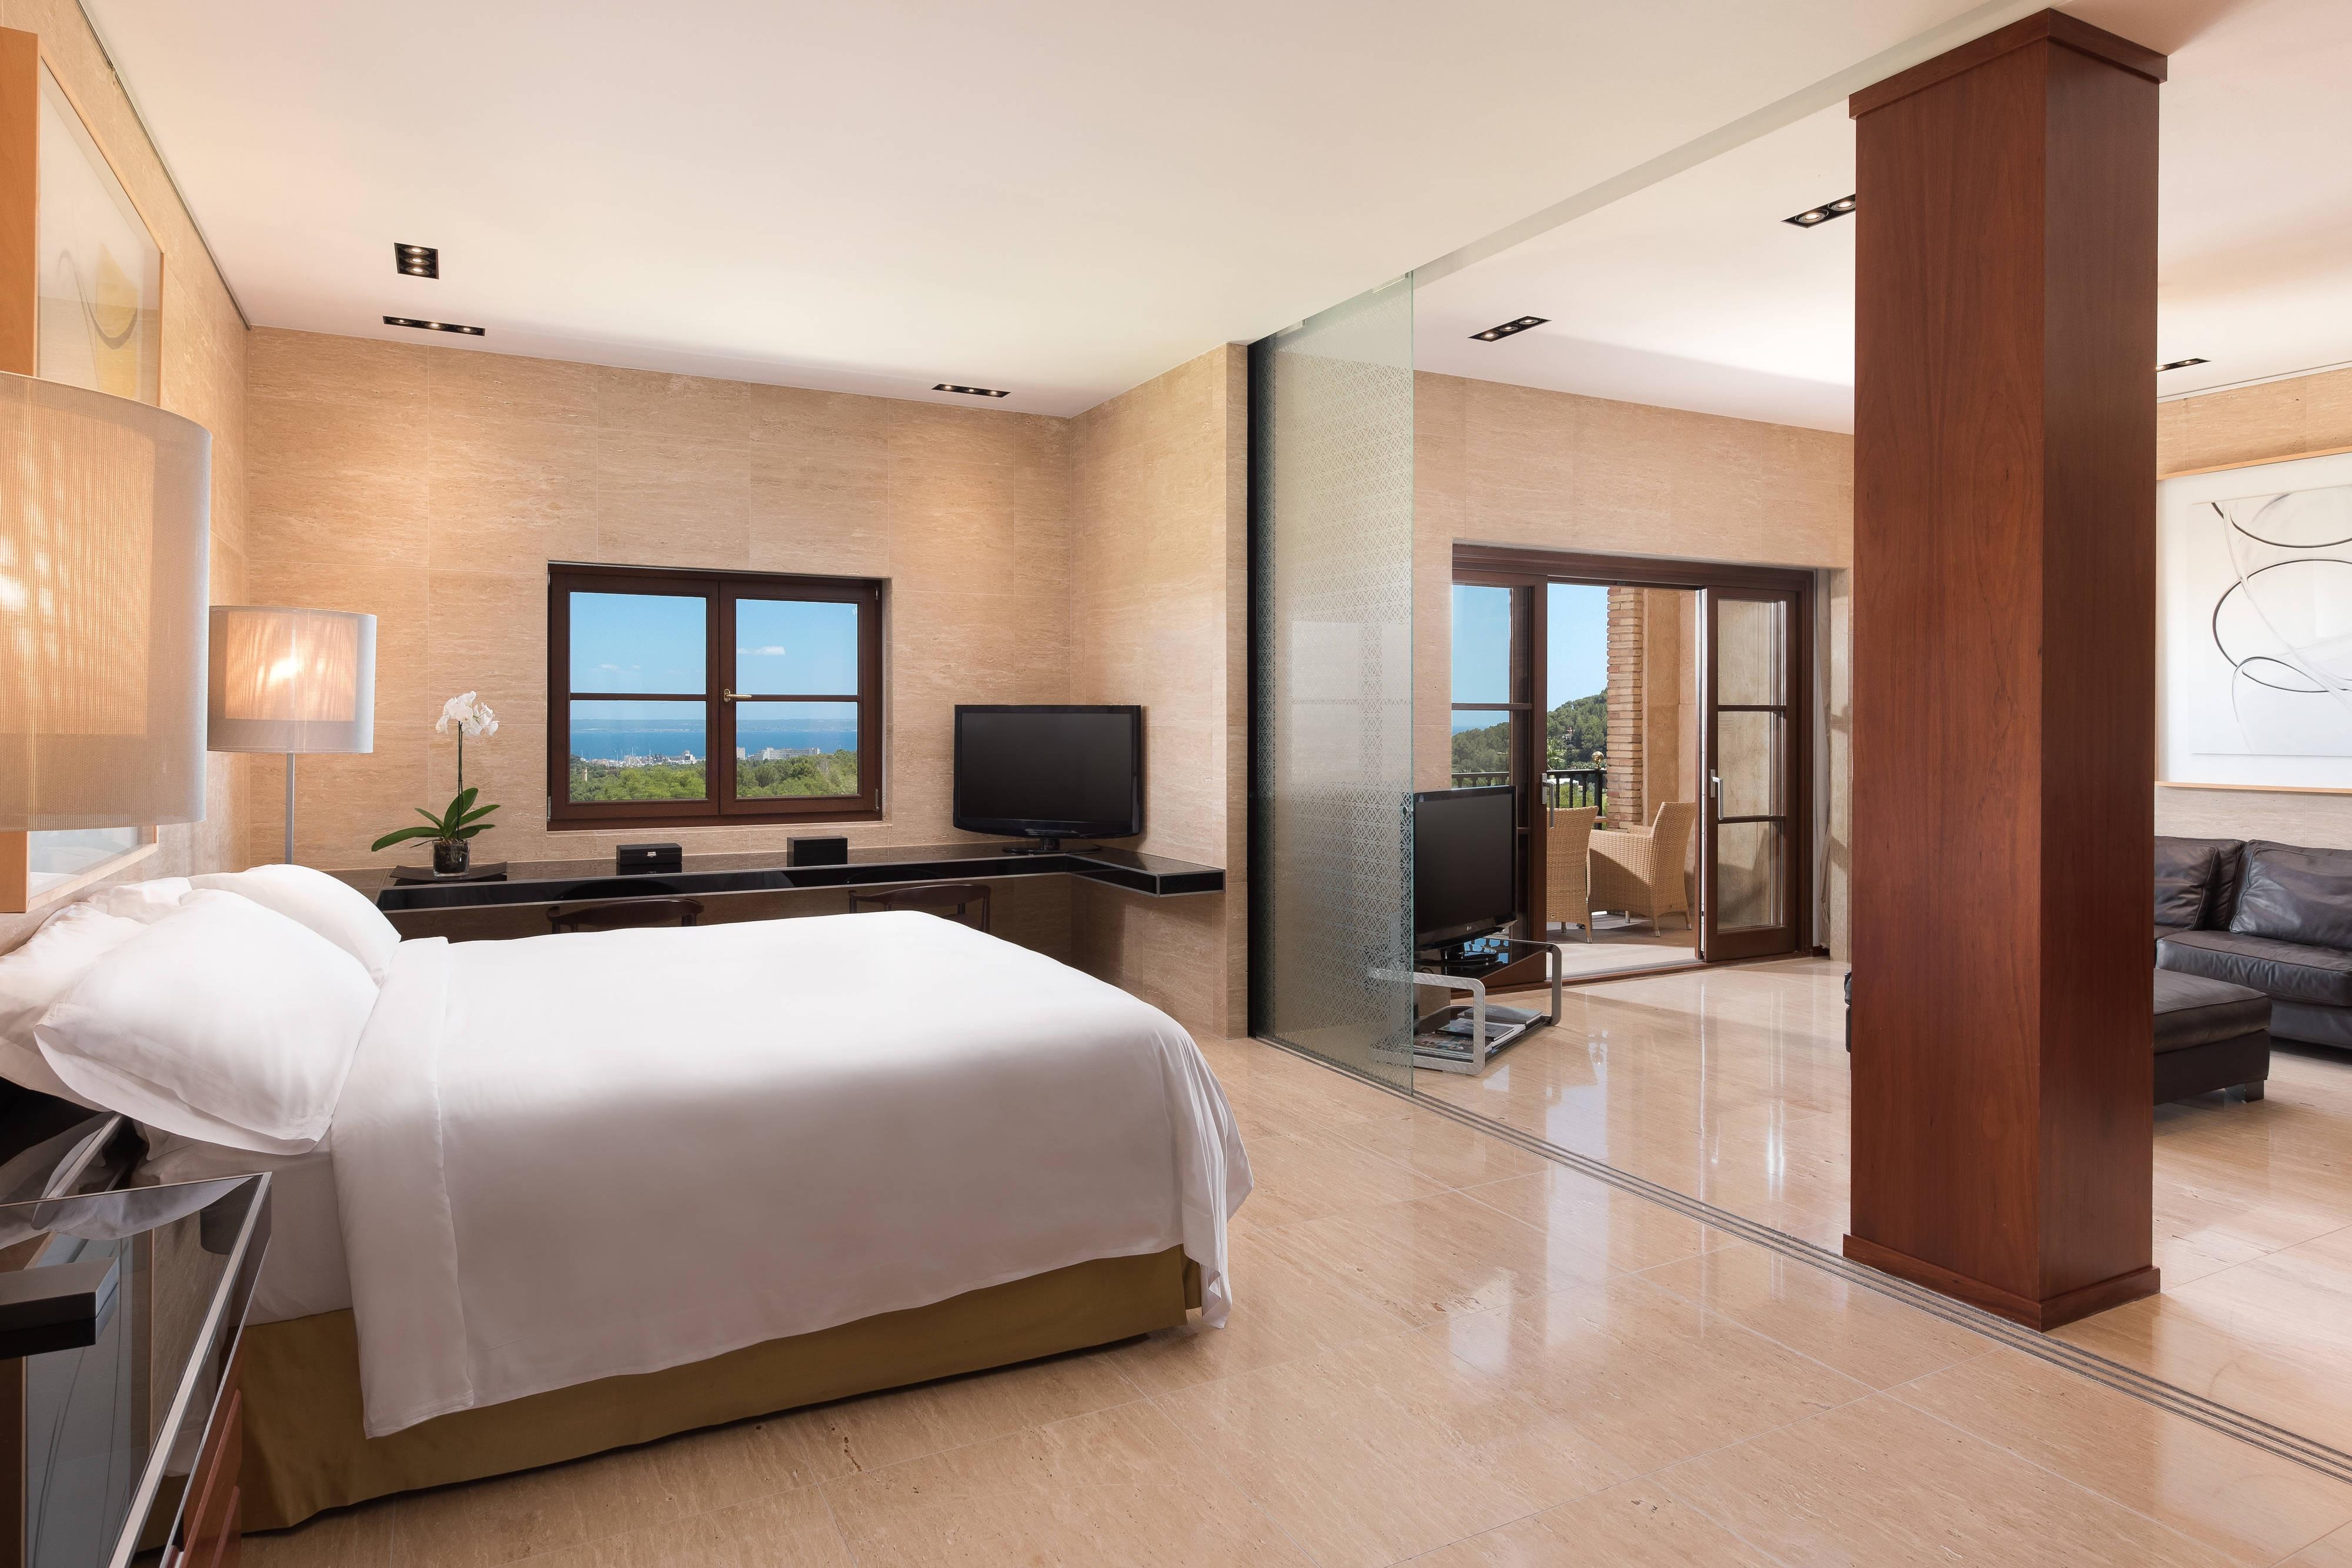 Loewe Suite - Bedroom